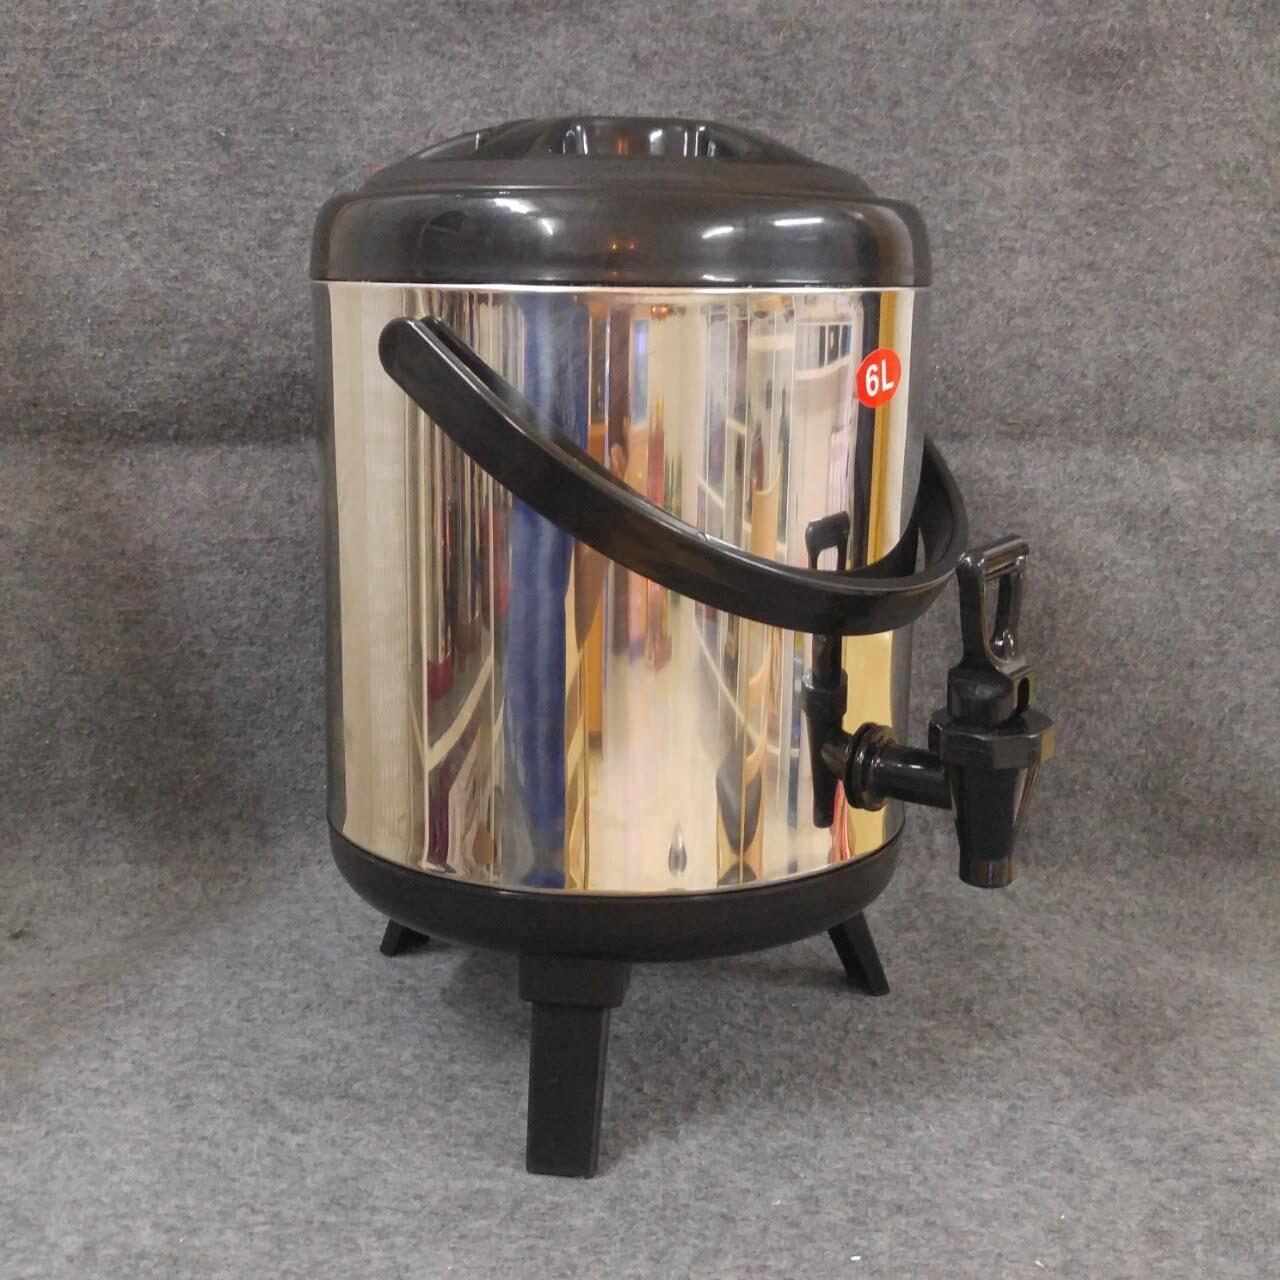 Bình giữ nhiệt, ủ trà Inox dung tích 6 lít